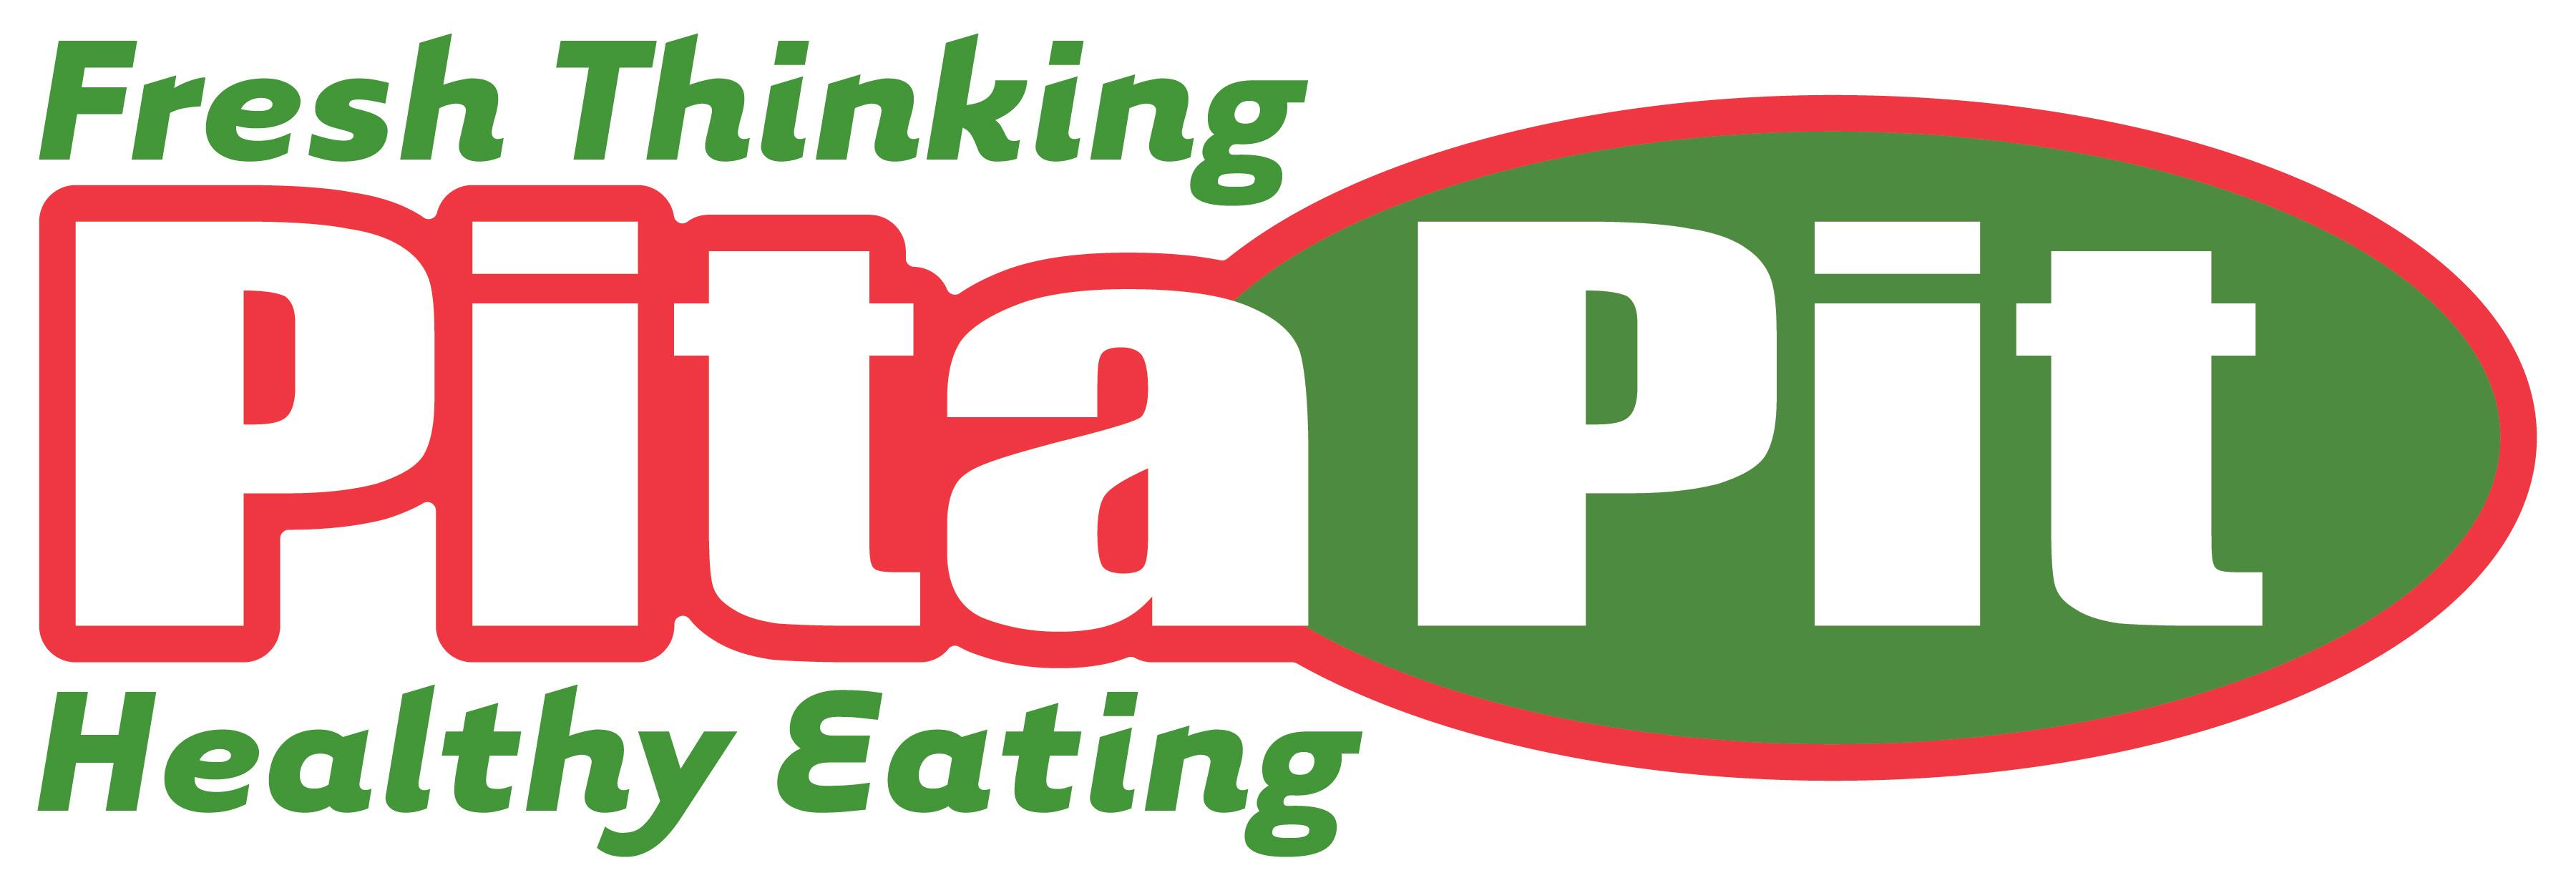 Pita Pit Logo with Tagline  2017-04-23.jpg